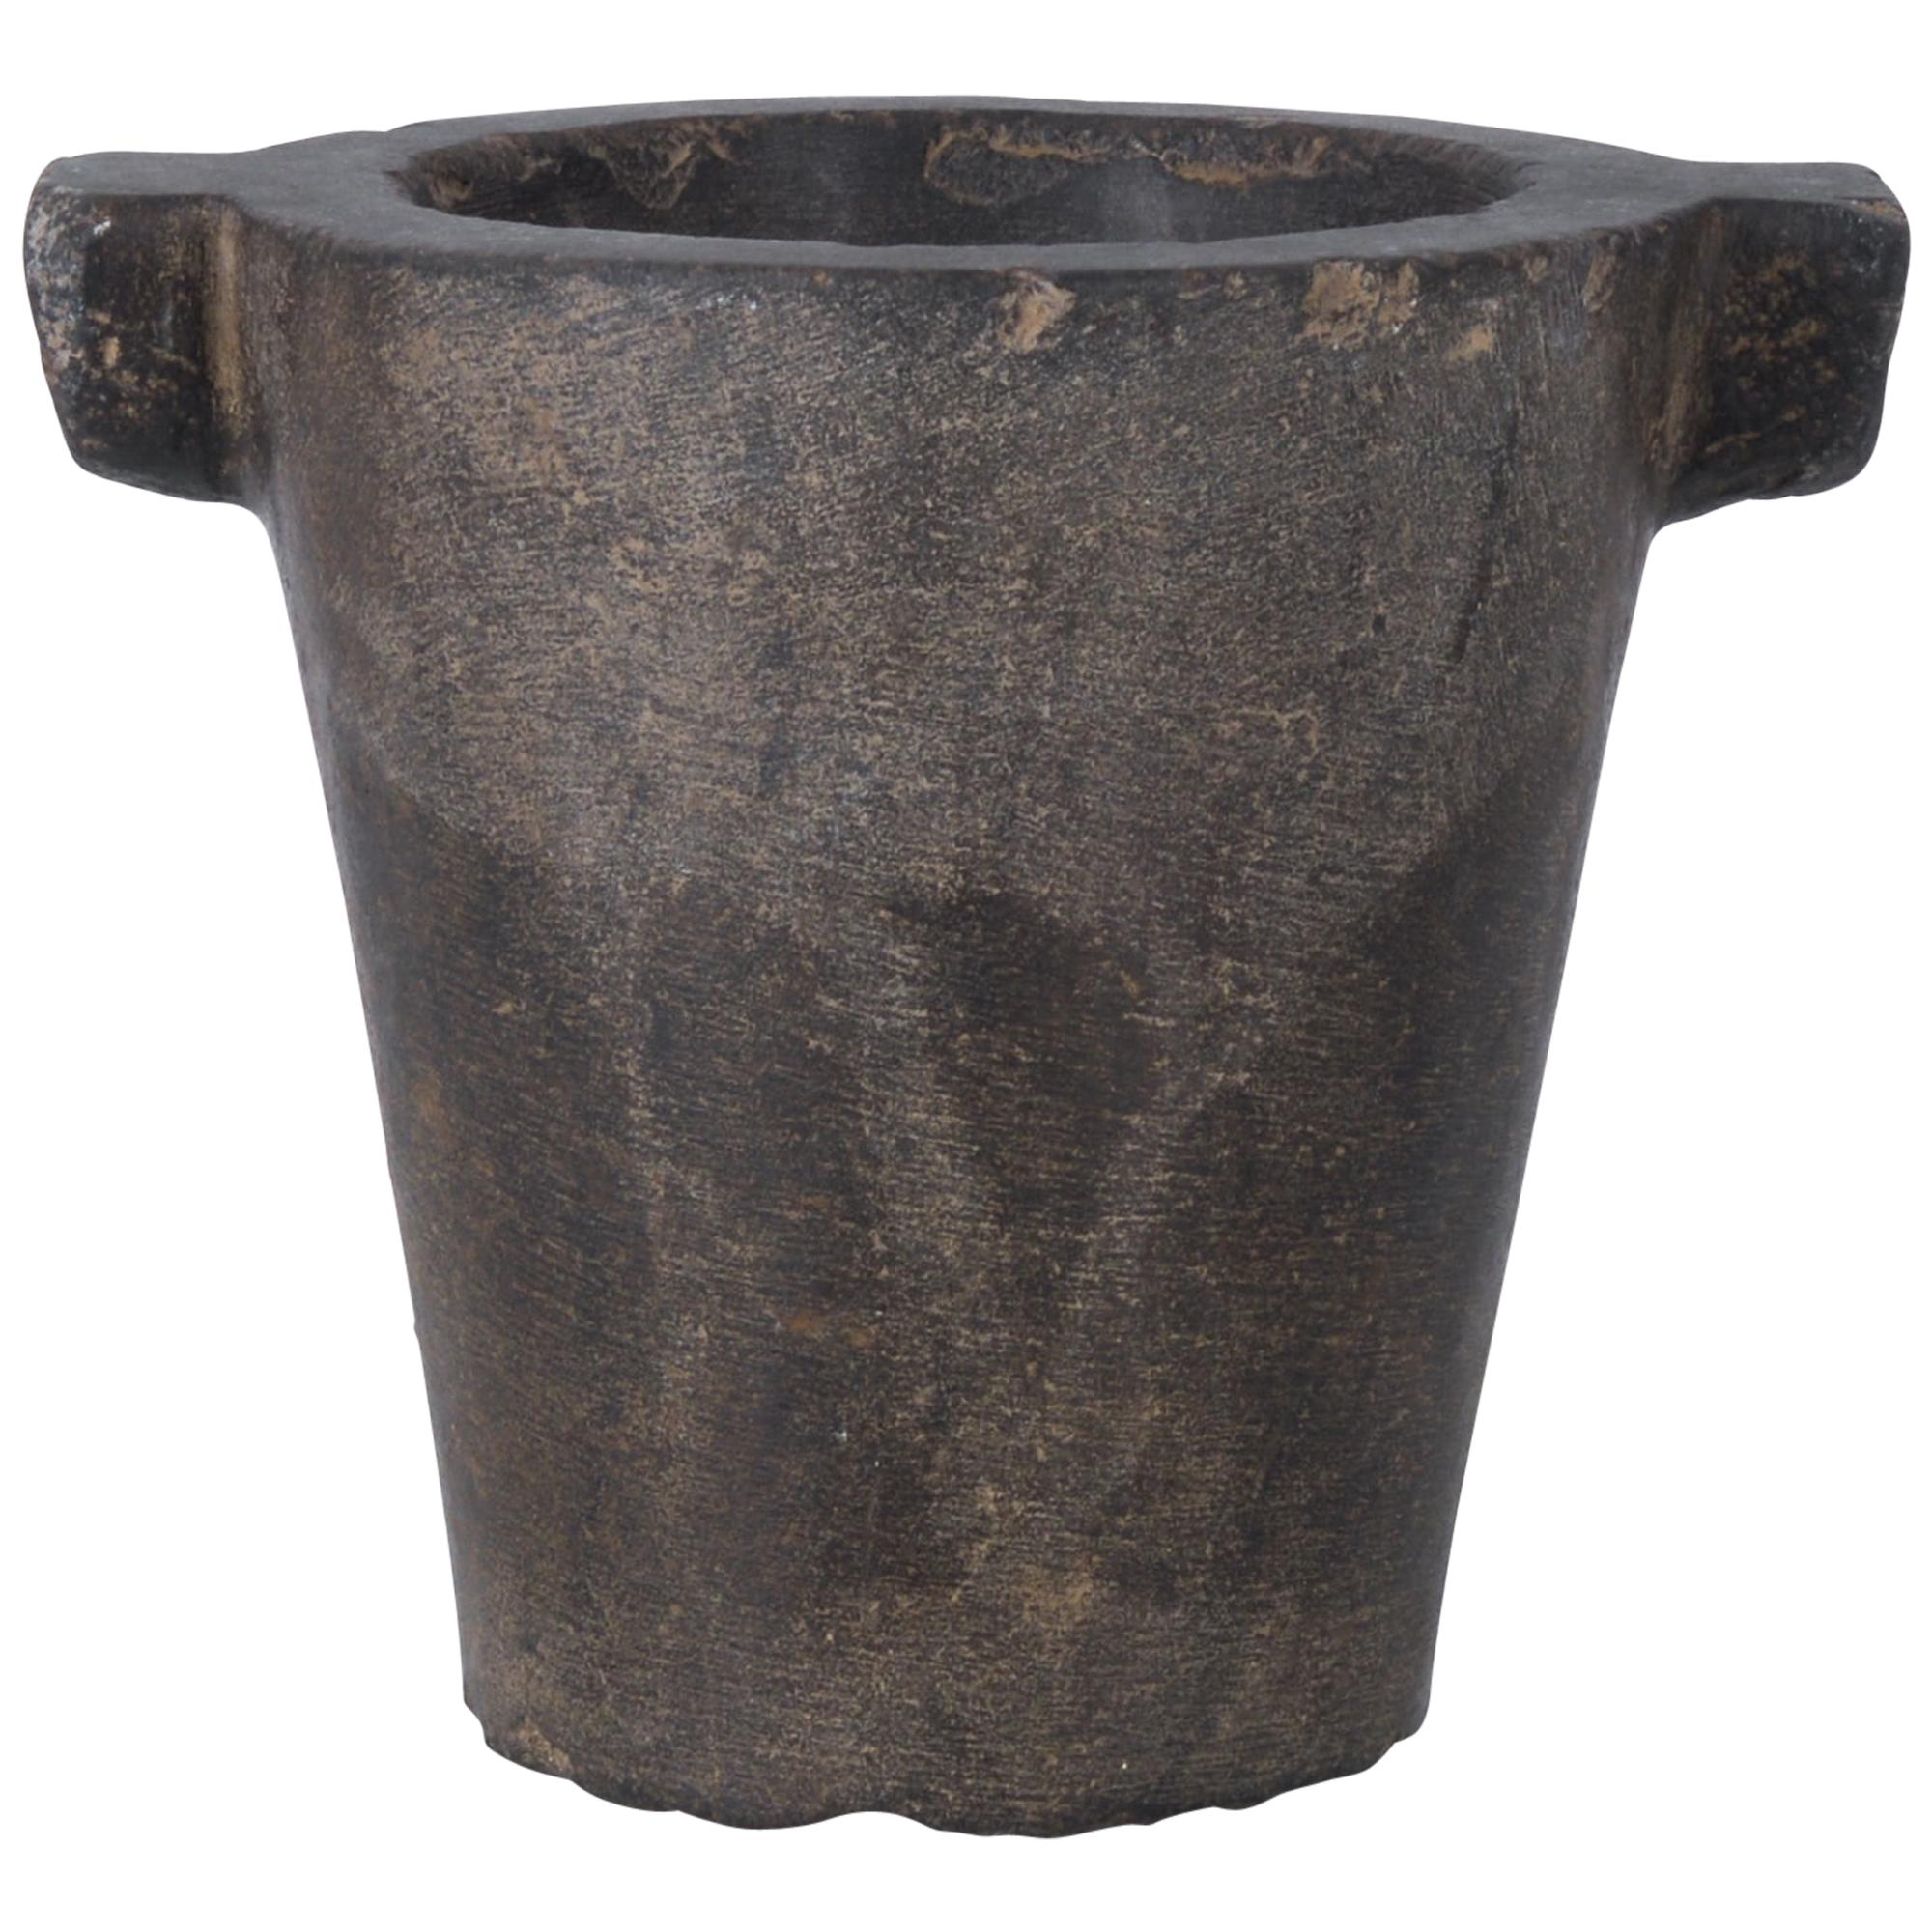 1700s Belgian Stone Mortar